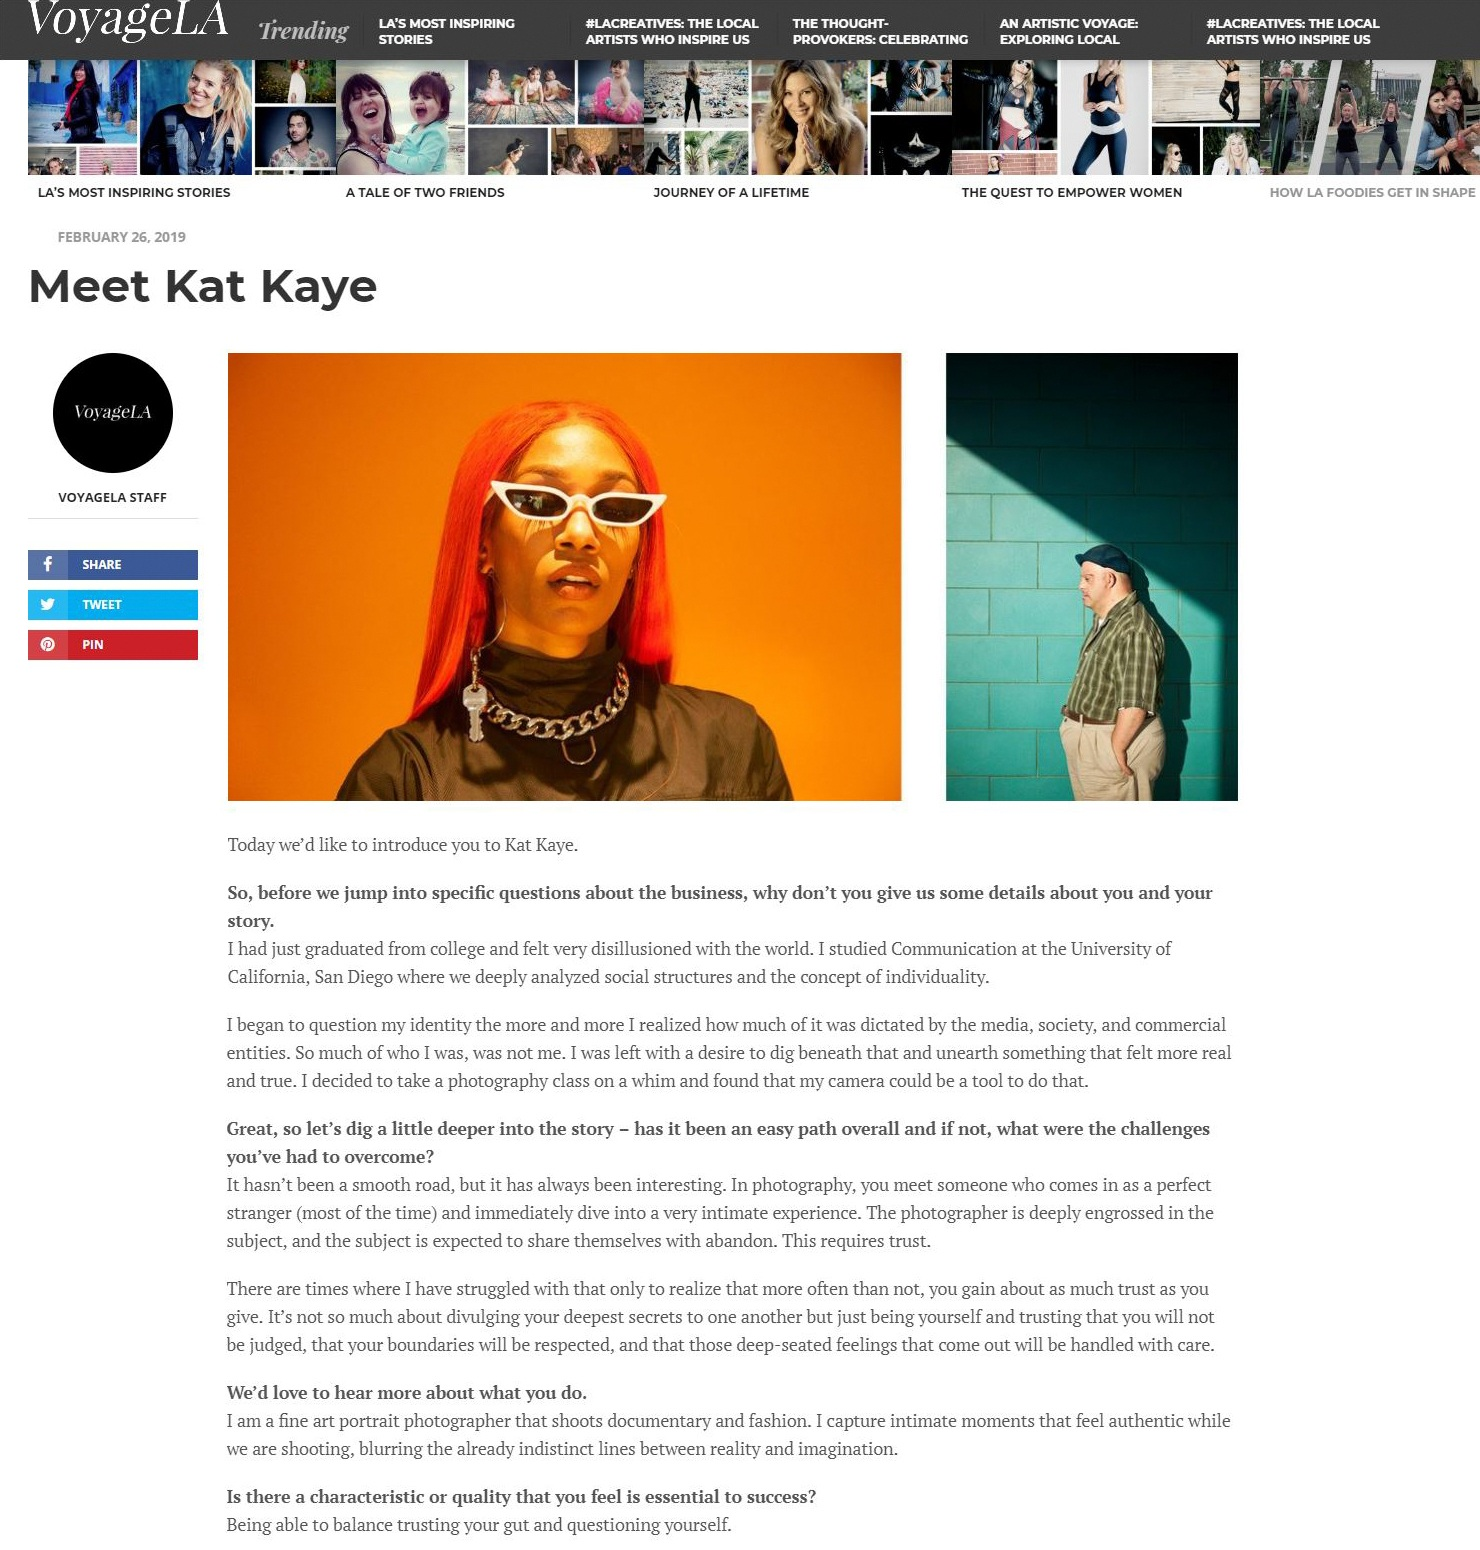 voyage+tearsheet+artist+interview+kat+kaye.jpg